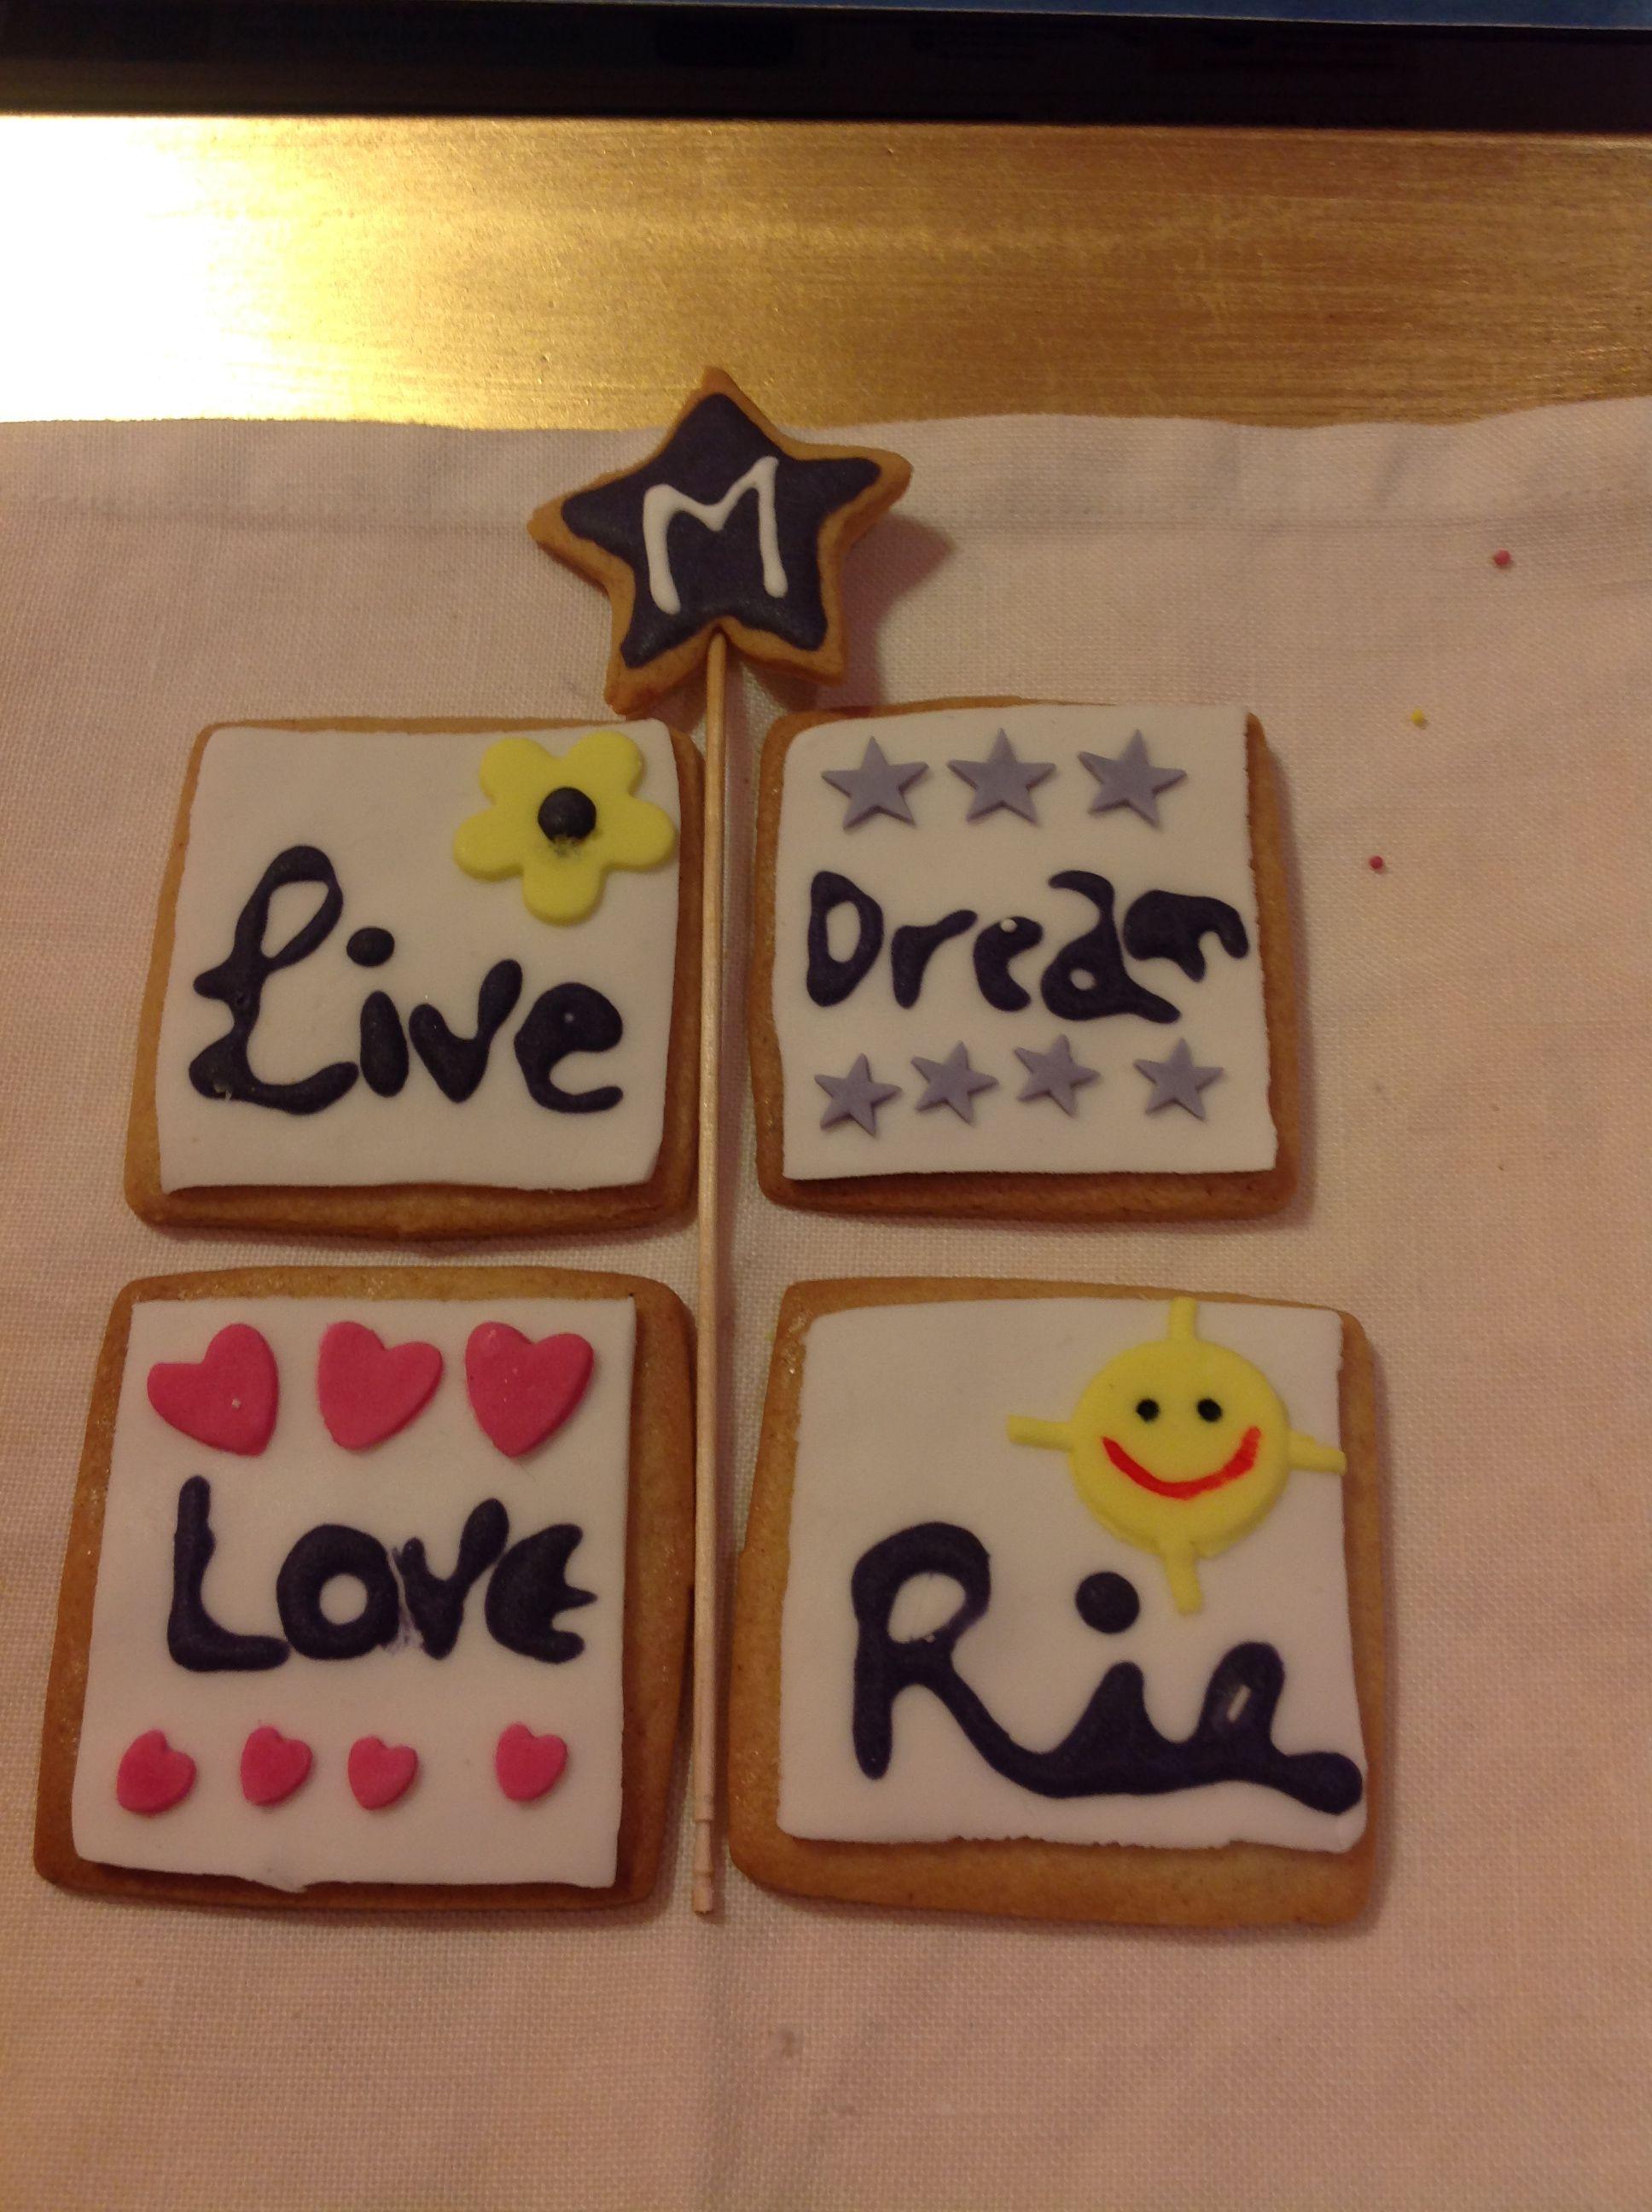 Galletas decoradas con mensajes positivos